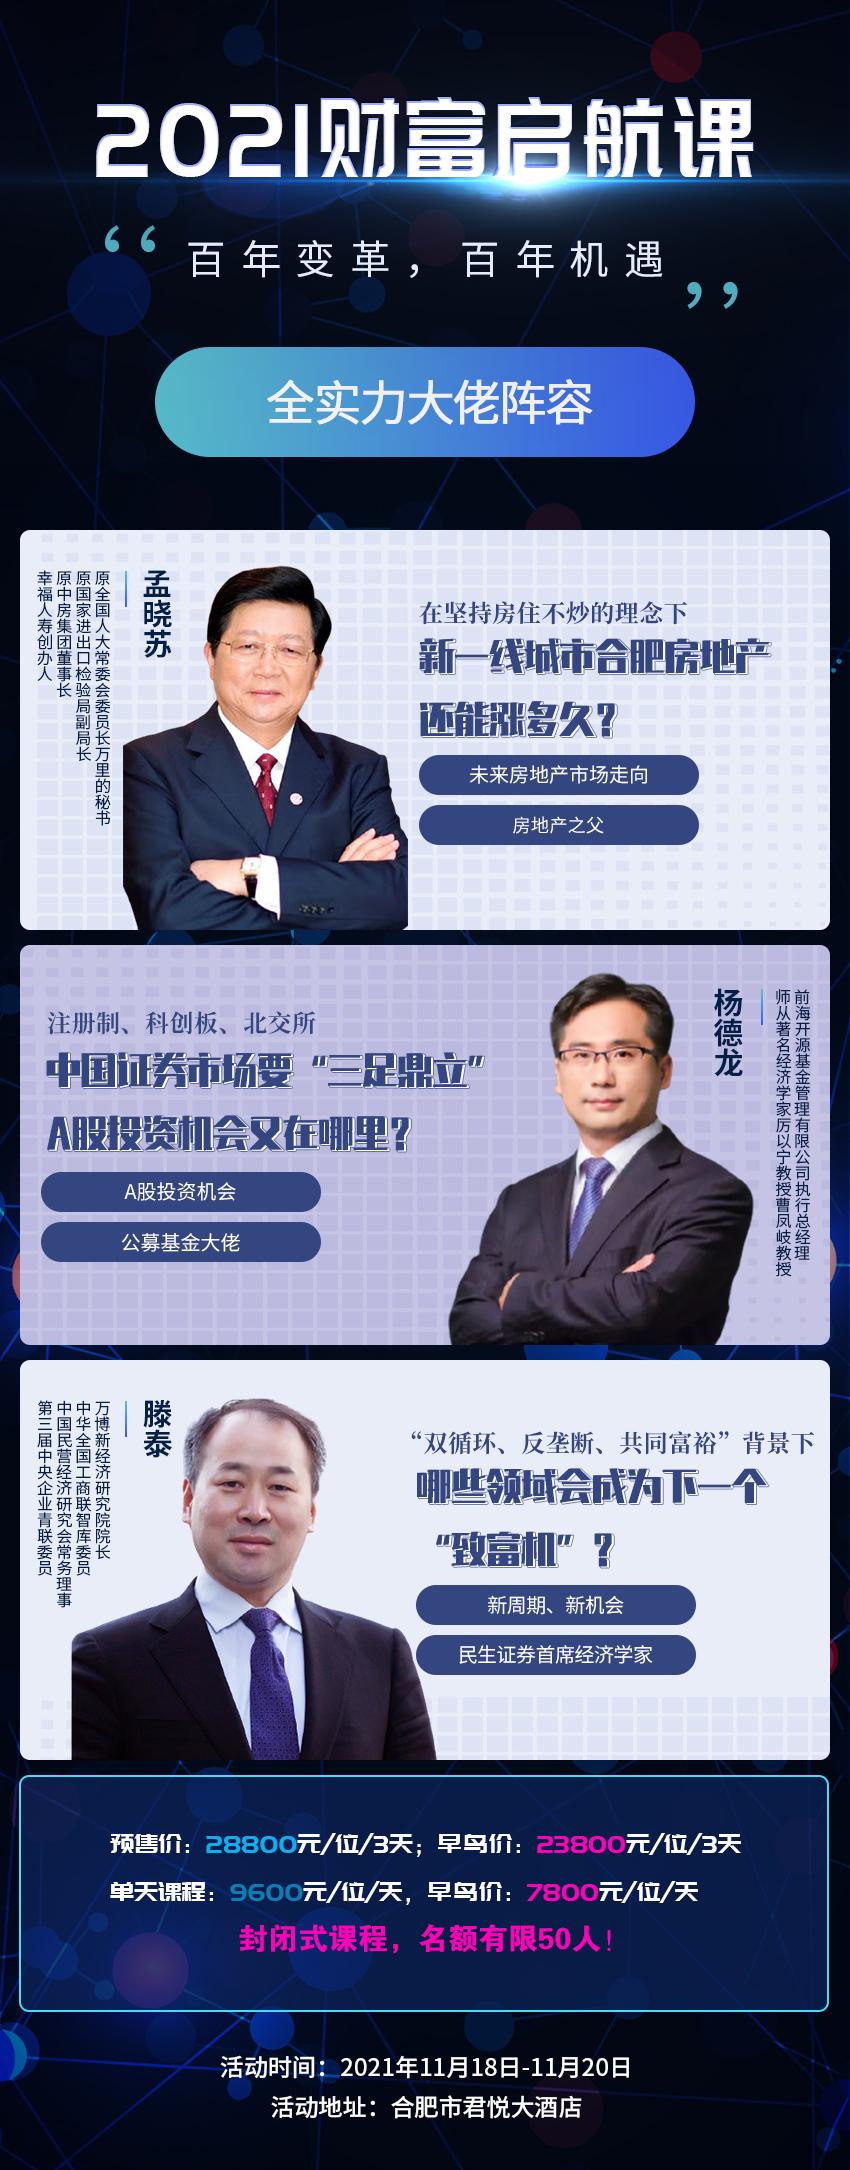 2021财富启航课_门票优惠_活动家官网报名